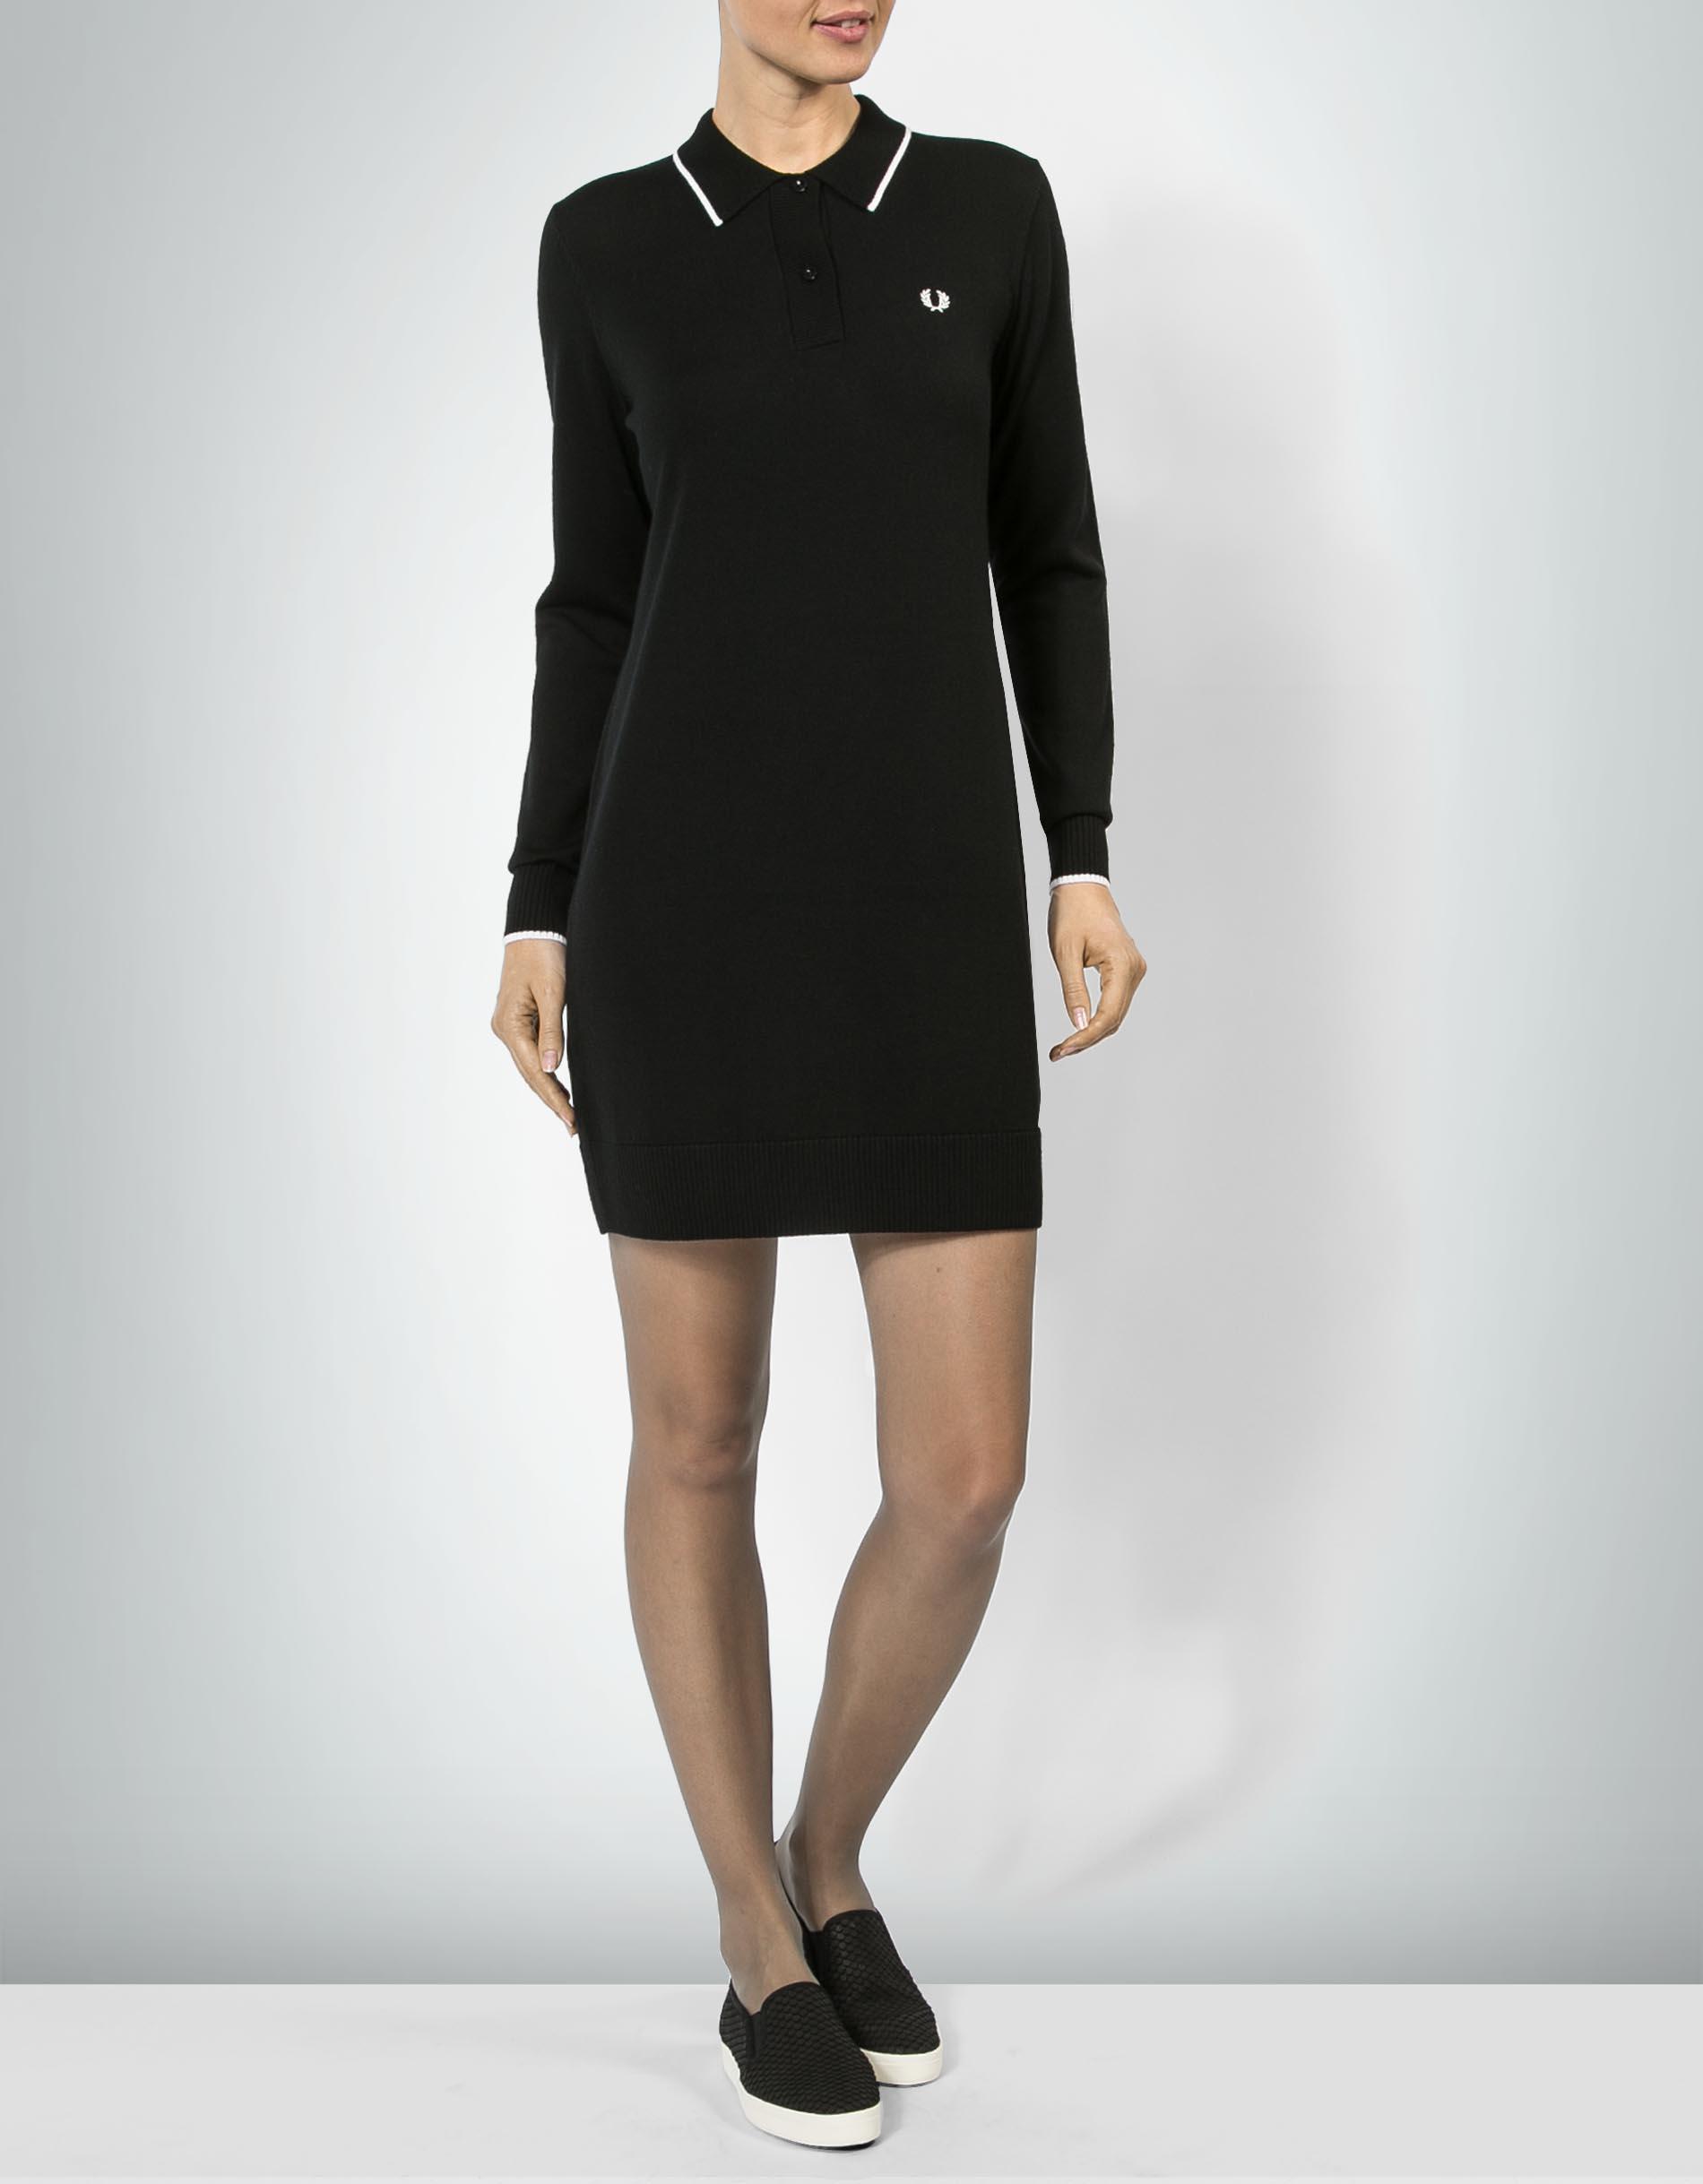 fred perry damen kleid im polo shirt look empfohlen von. Black Bedroom Furniture Sets. Home Design Ideas